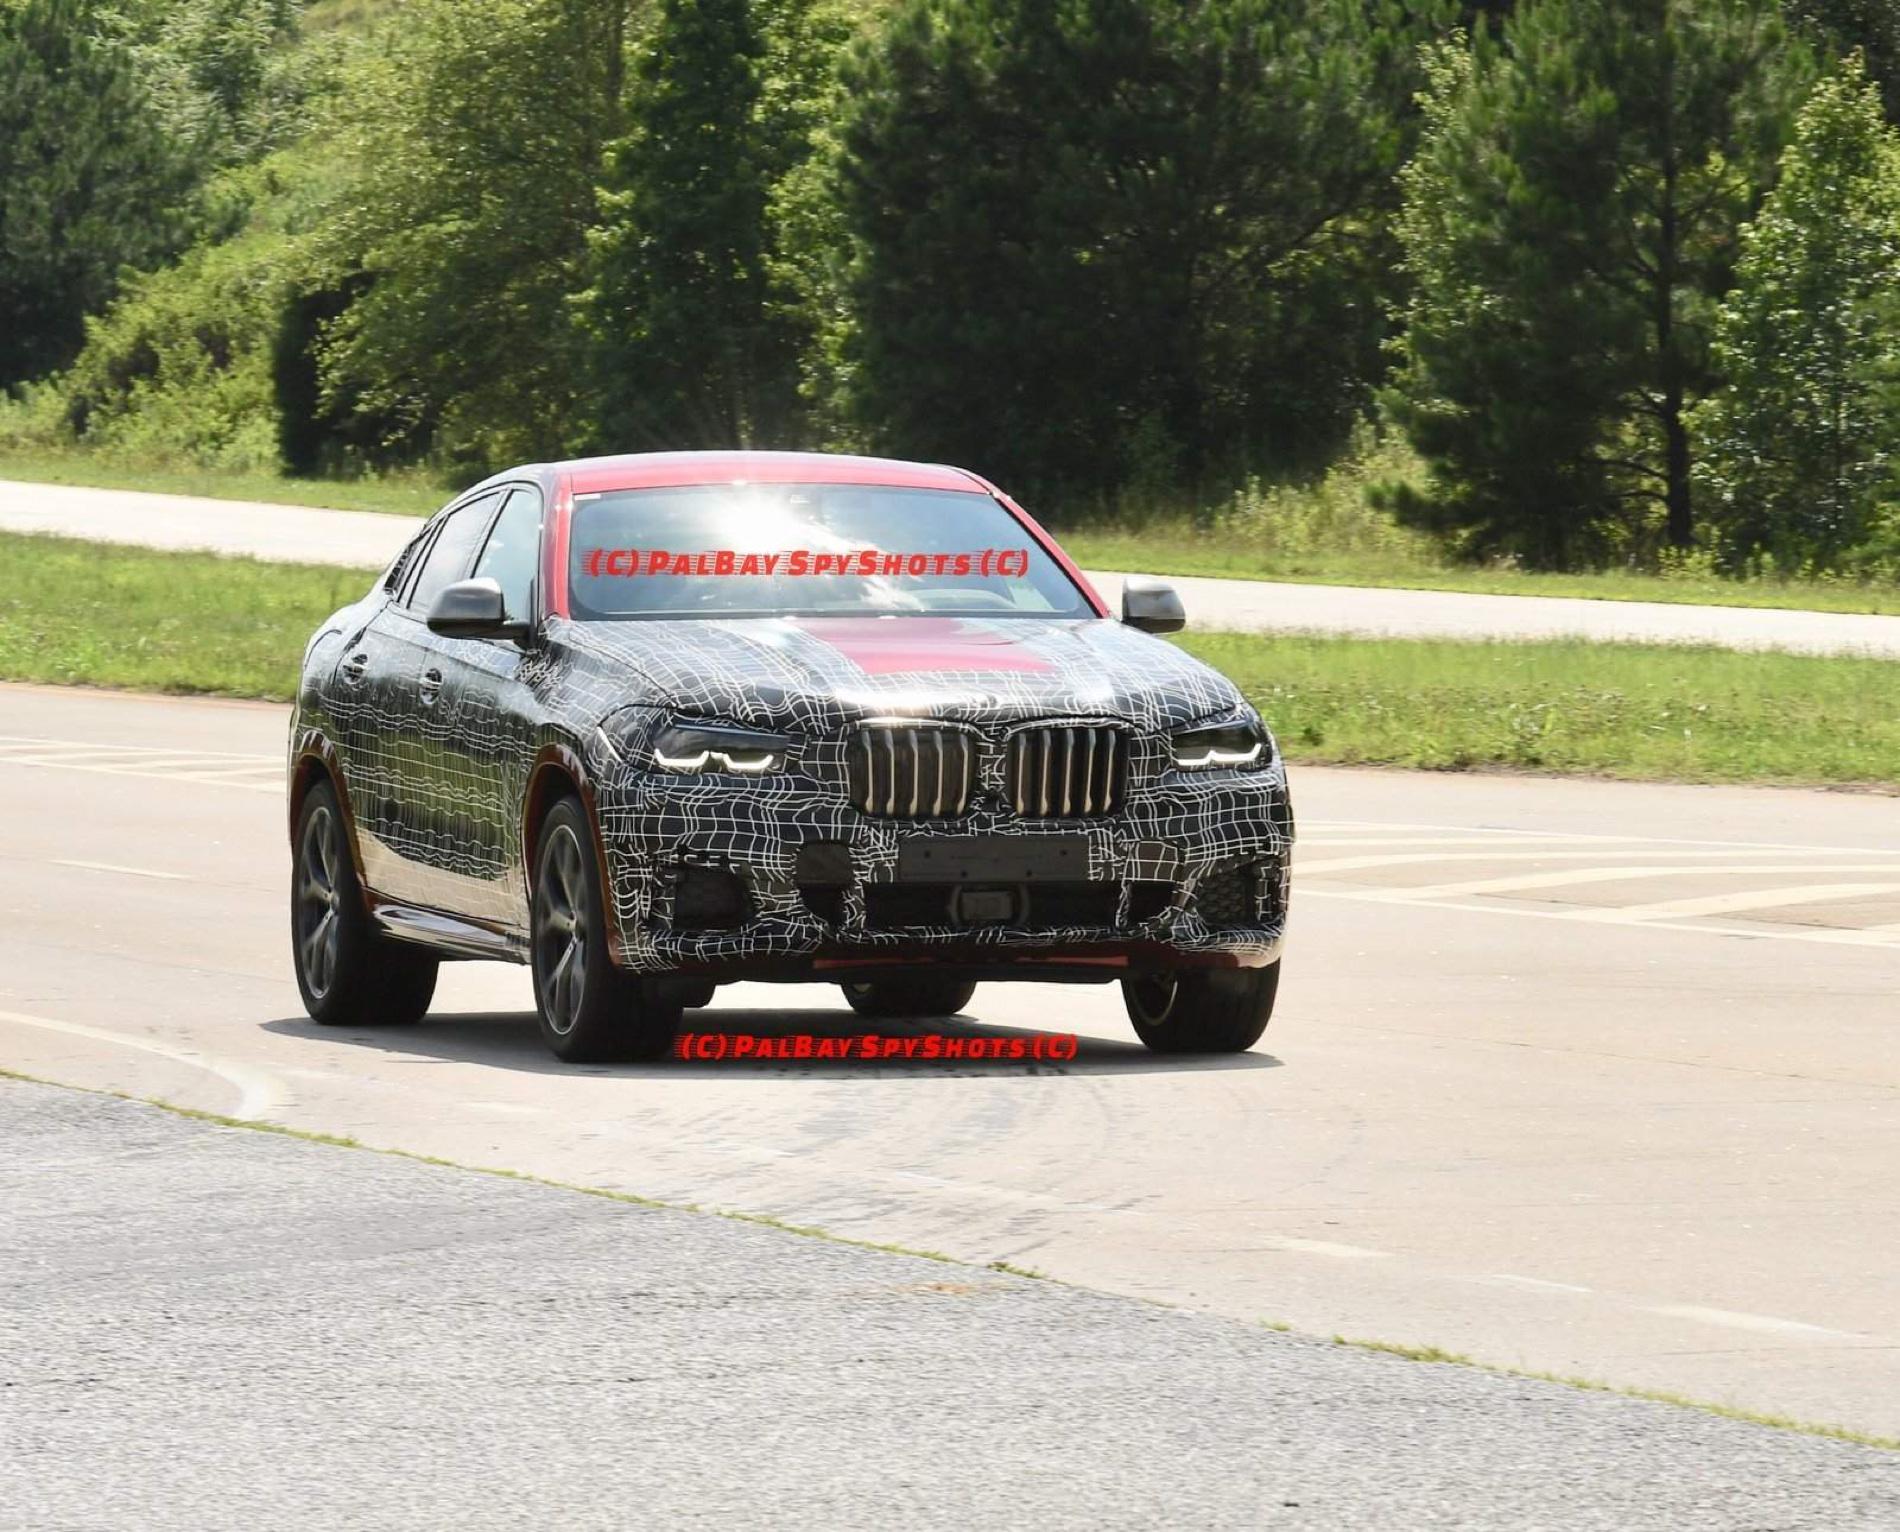 BMW G06 X6 spy shots 06